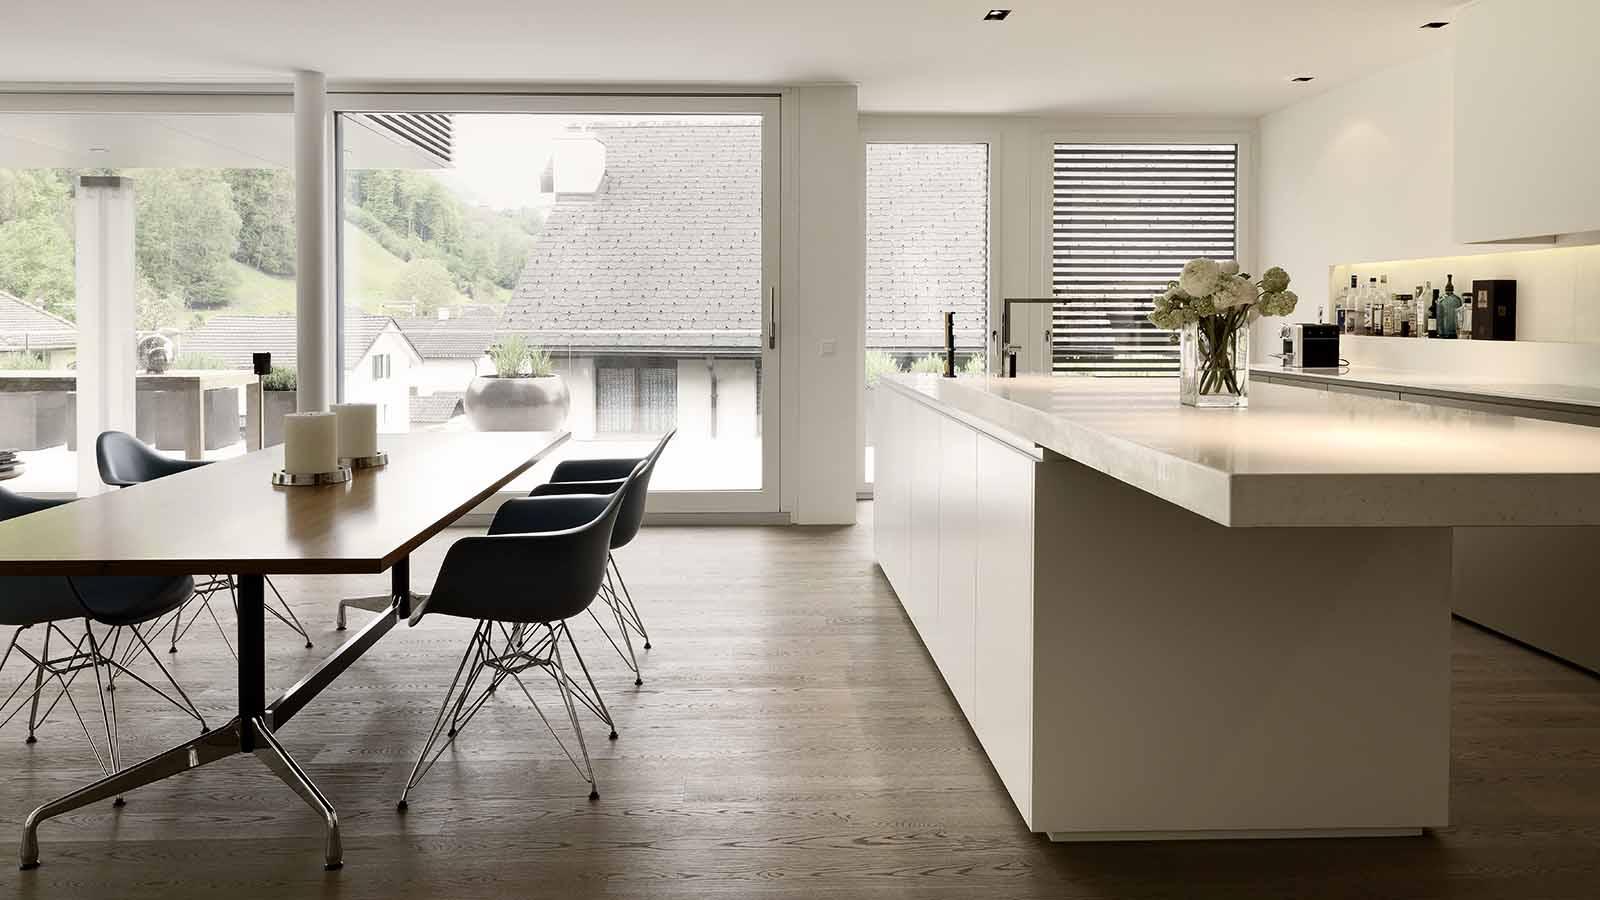 Ungewöhnlich Lange Insel Küche Und Bad Showrooms Bilder - Küche Set ...